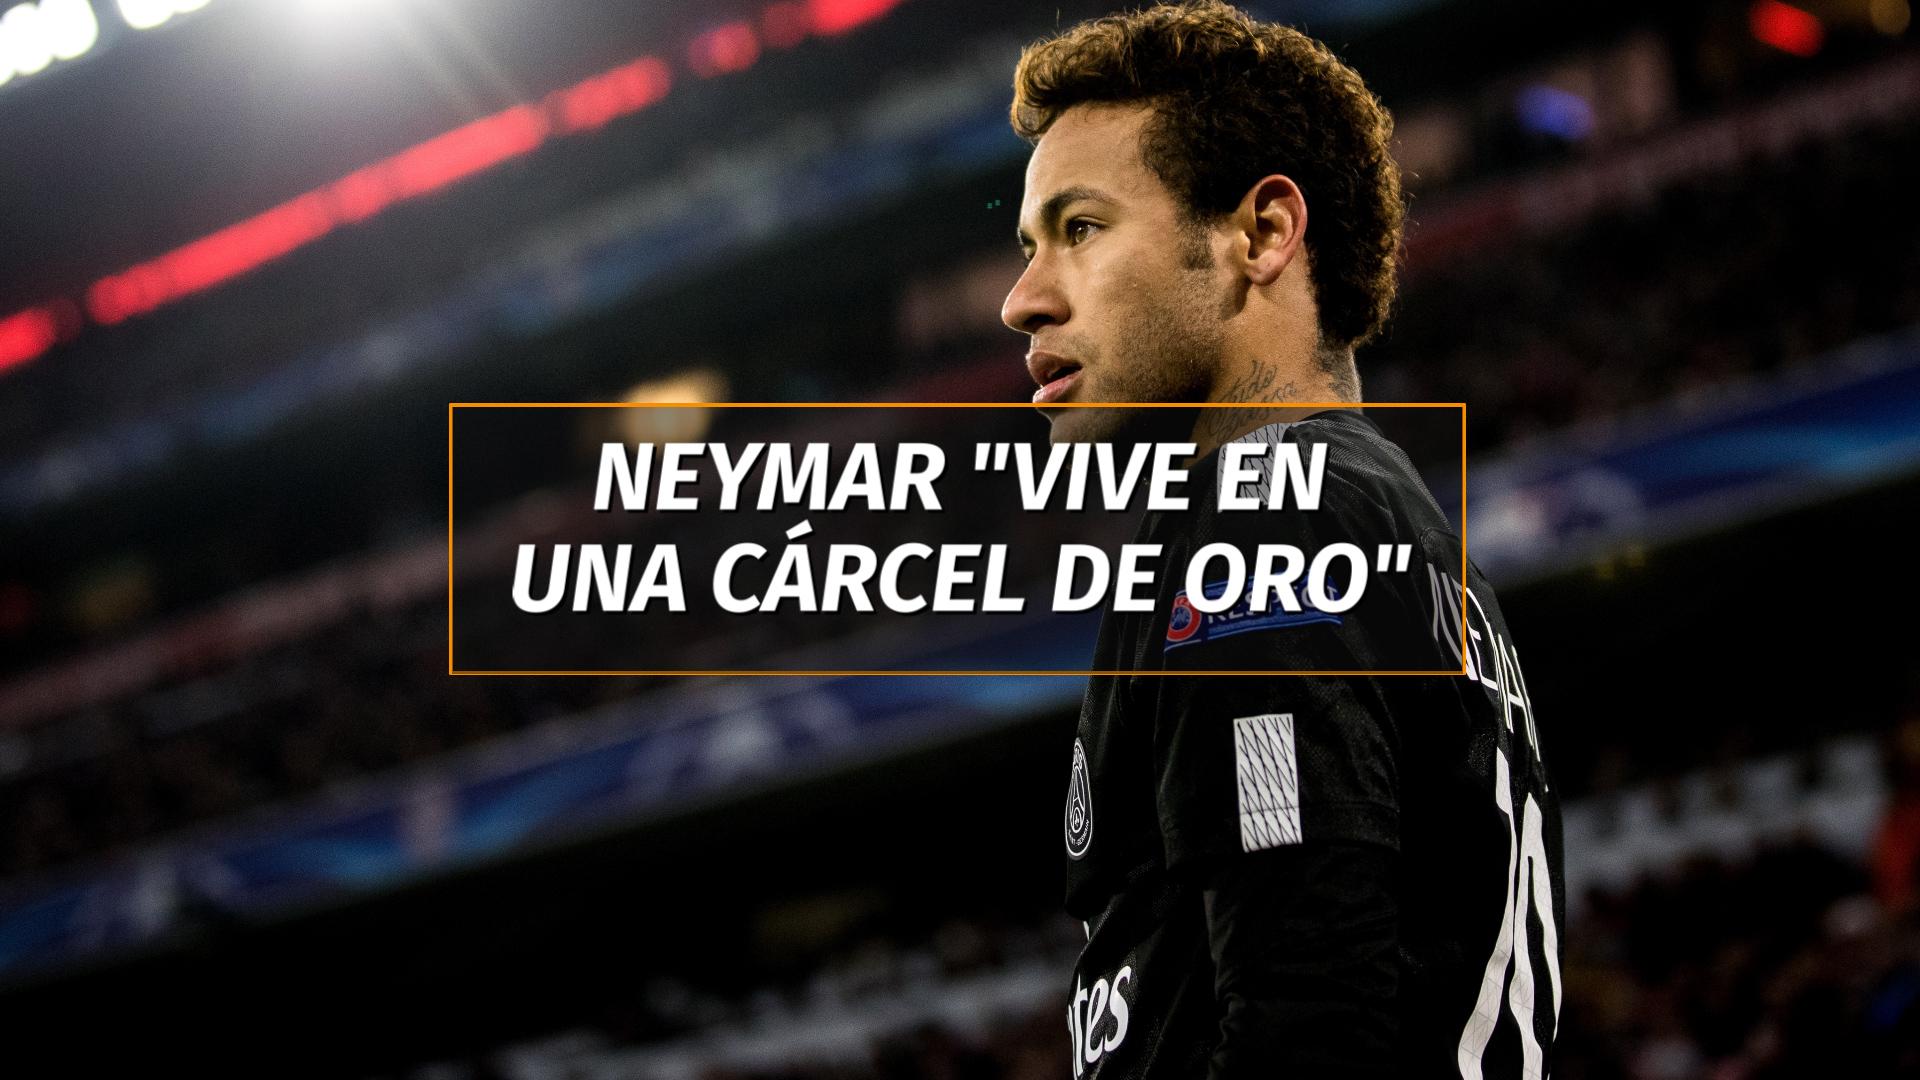 La Frase Que Describe El Presente De Neymar Vive En Una